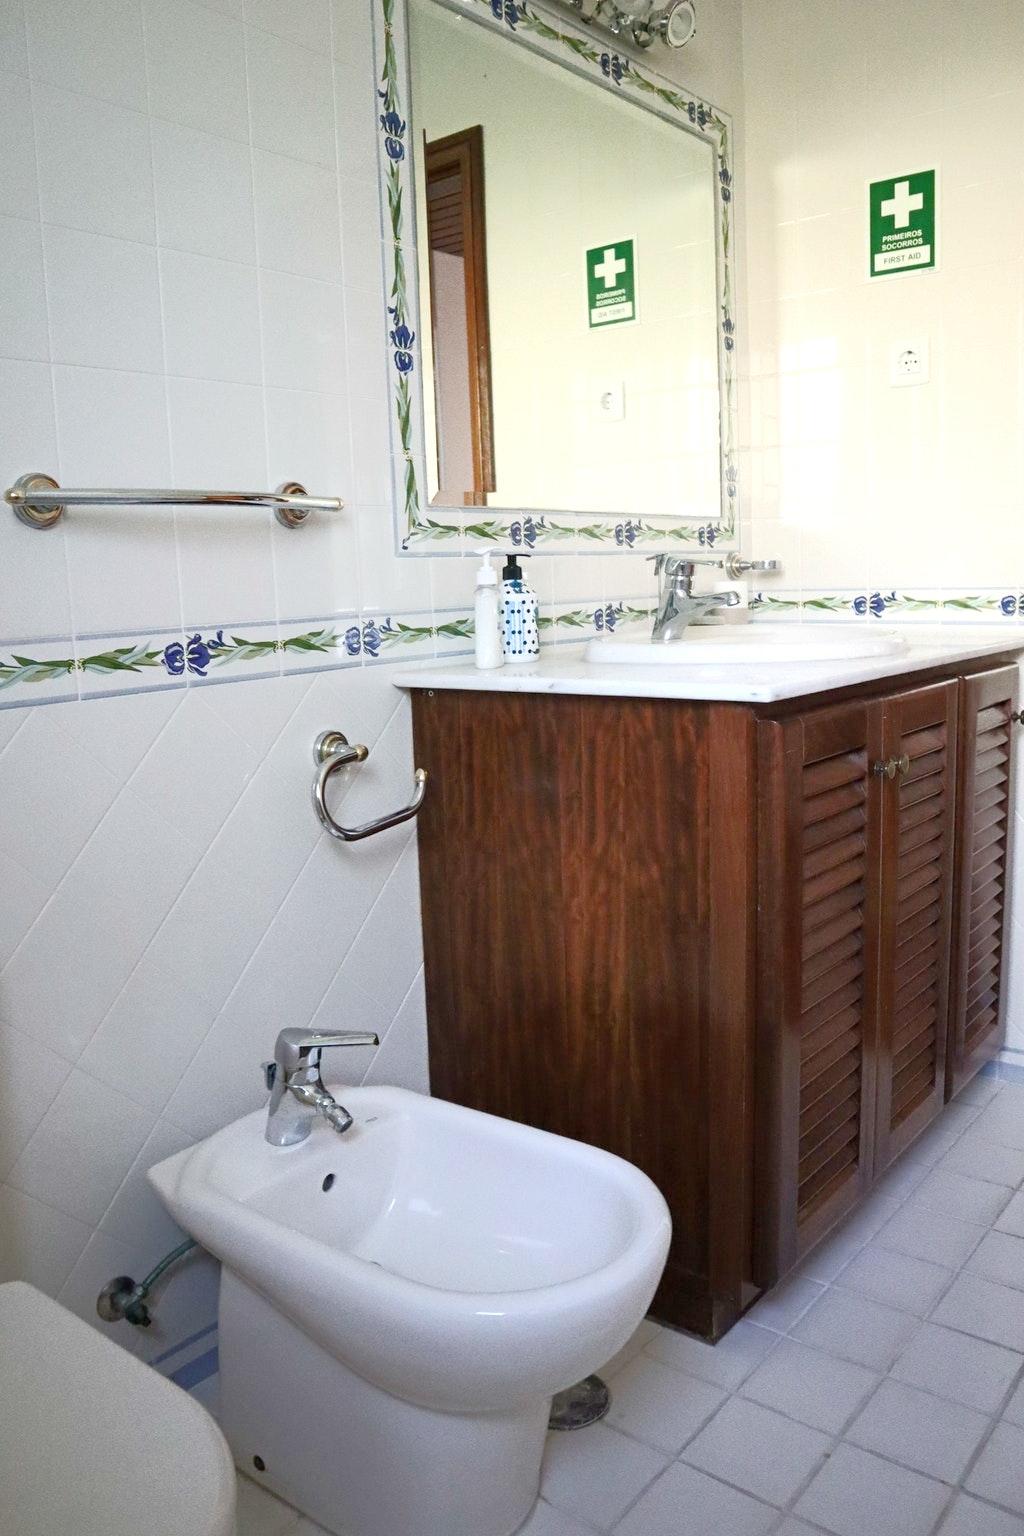 Ferienhaus Villa mit 4 Schlafzimmern in Praia de Mira mit privatem Pool, eingezäuntem Garten und W-LA (2623071), Praia de Mira, Costa de Prata, Zentral-Portugal, Portugal, Bild 21